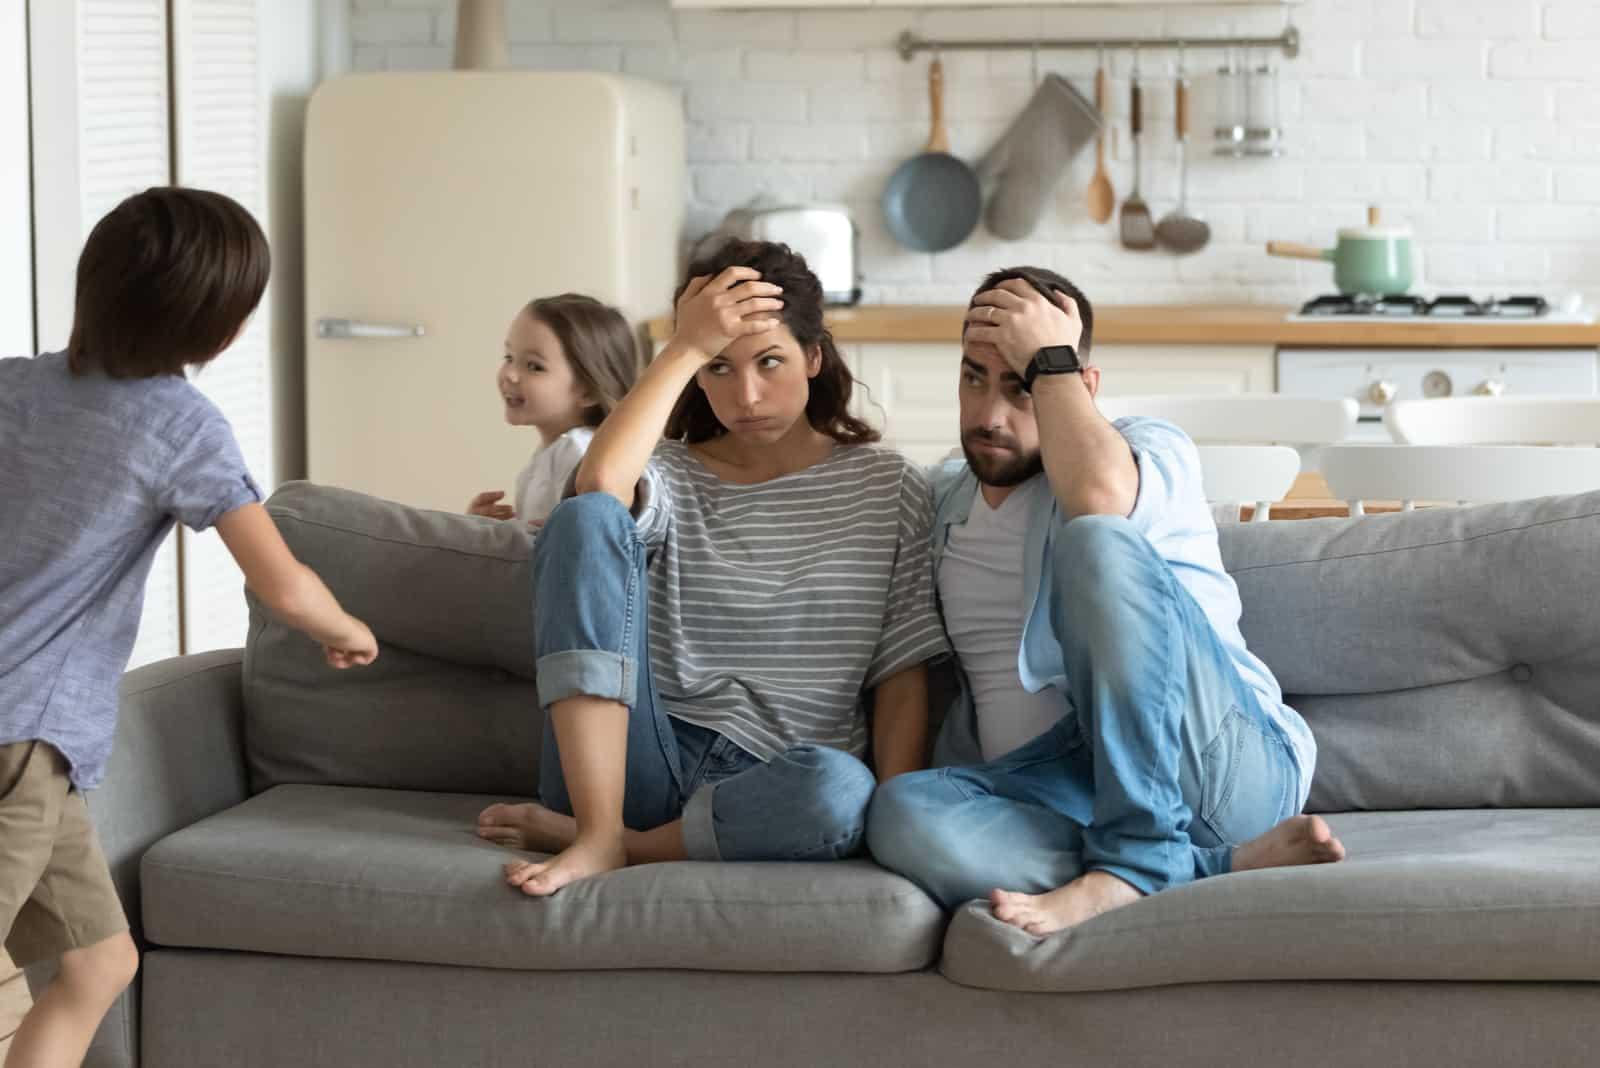 junge Eltern sitzen unter Stress auf der Couch und beobachten die schelmischen Kinder